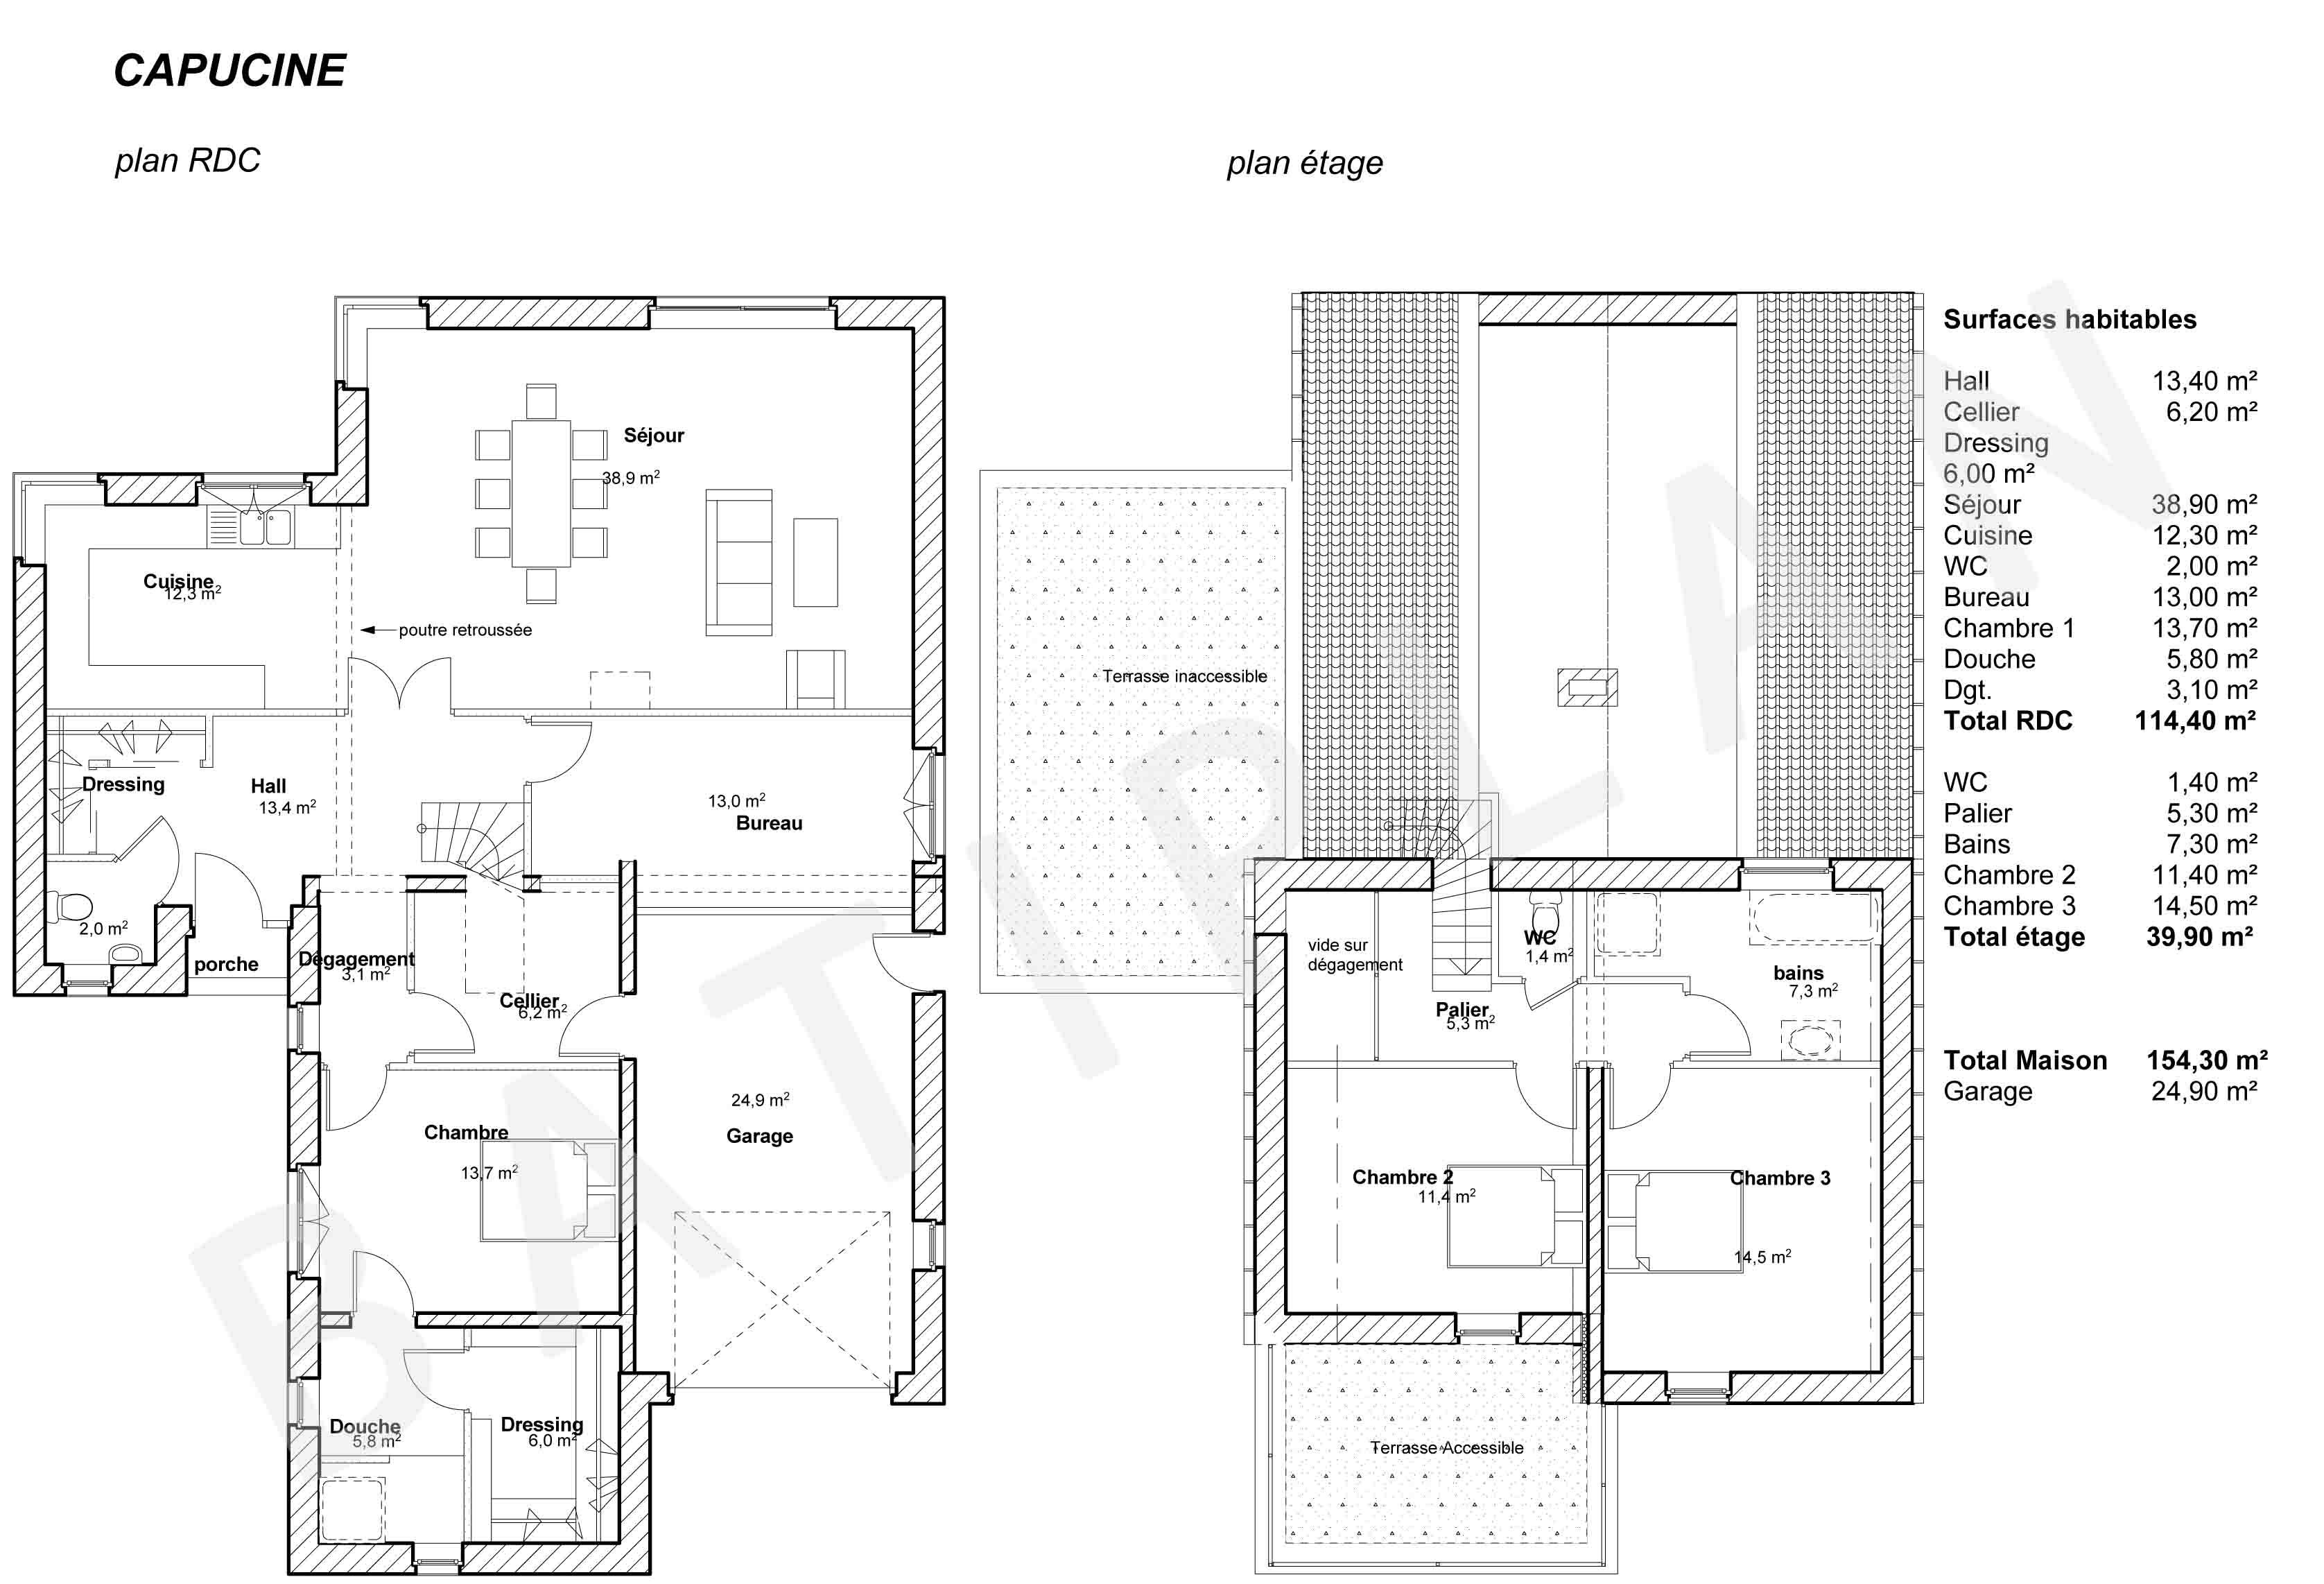 plans et permis de construire notre plan de maison capucine. Black Bedroom Furniture Sets. Home Design Ideas